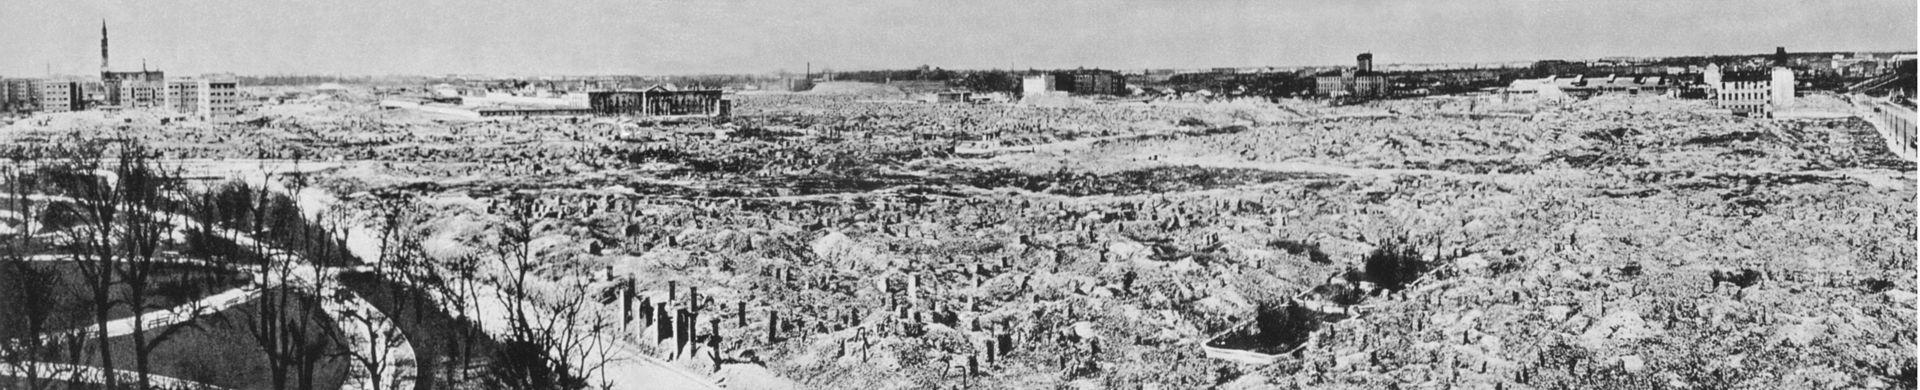 Po upadku powstania Niemcy zrównali getto warszawskie zziemią. Zrozkazu Adolfa Hitlera spalono iwysadzono wszystkie domy znajdujące się naterenie objętym walkami. Jednym znielicznych zachowanych budynków był kościół św.Augustyna wykorzystywany jako magazyn.